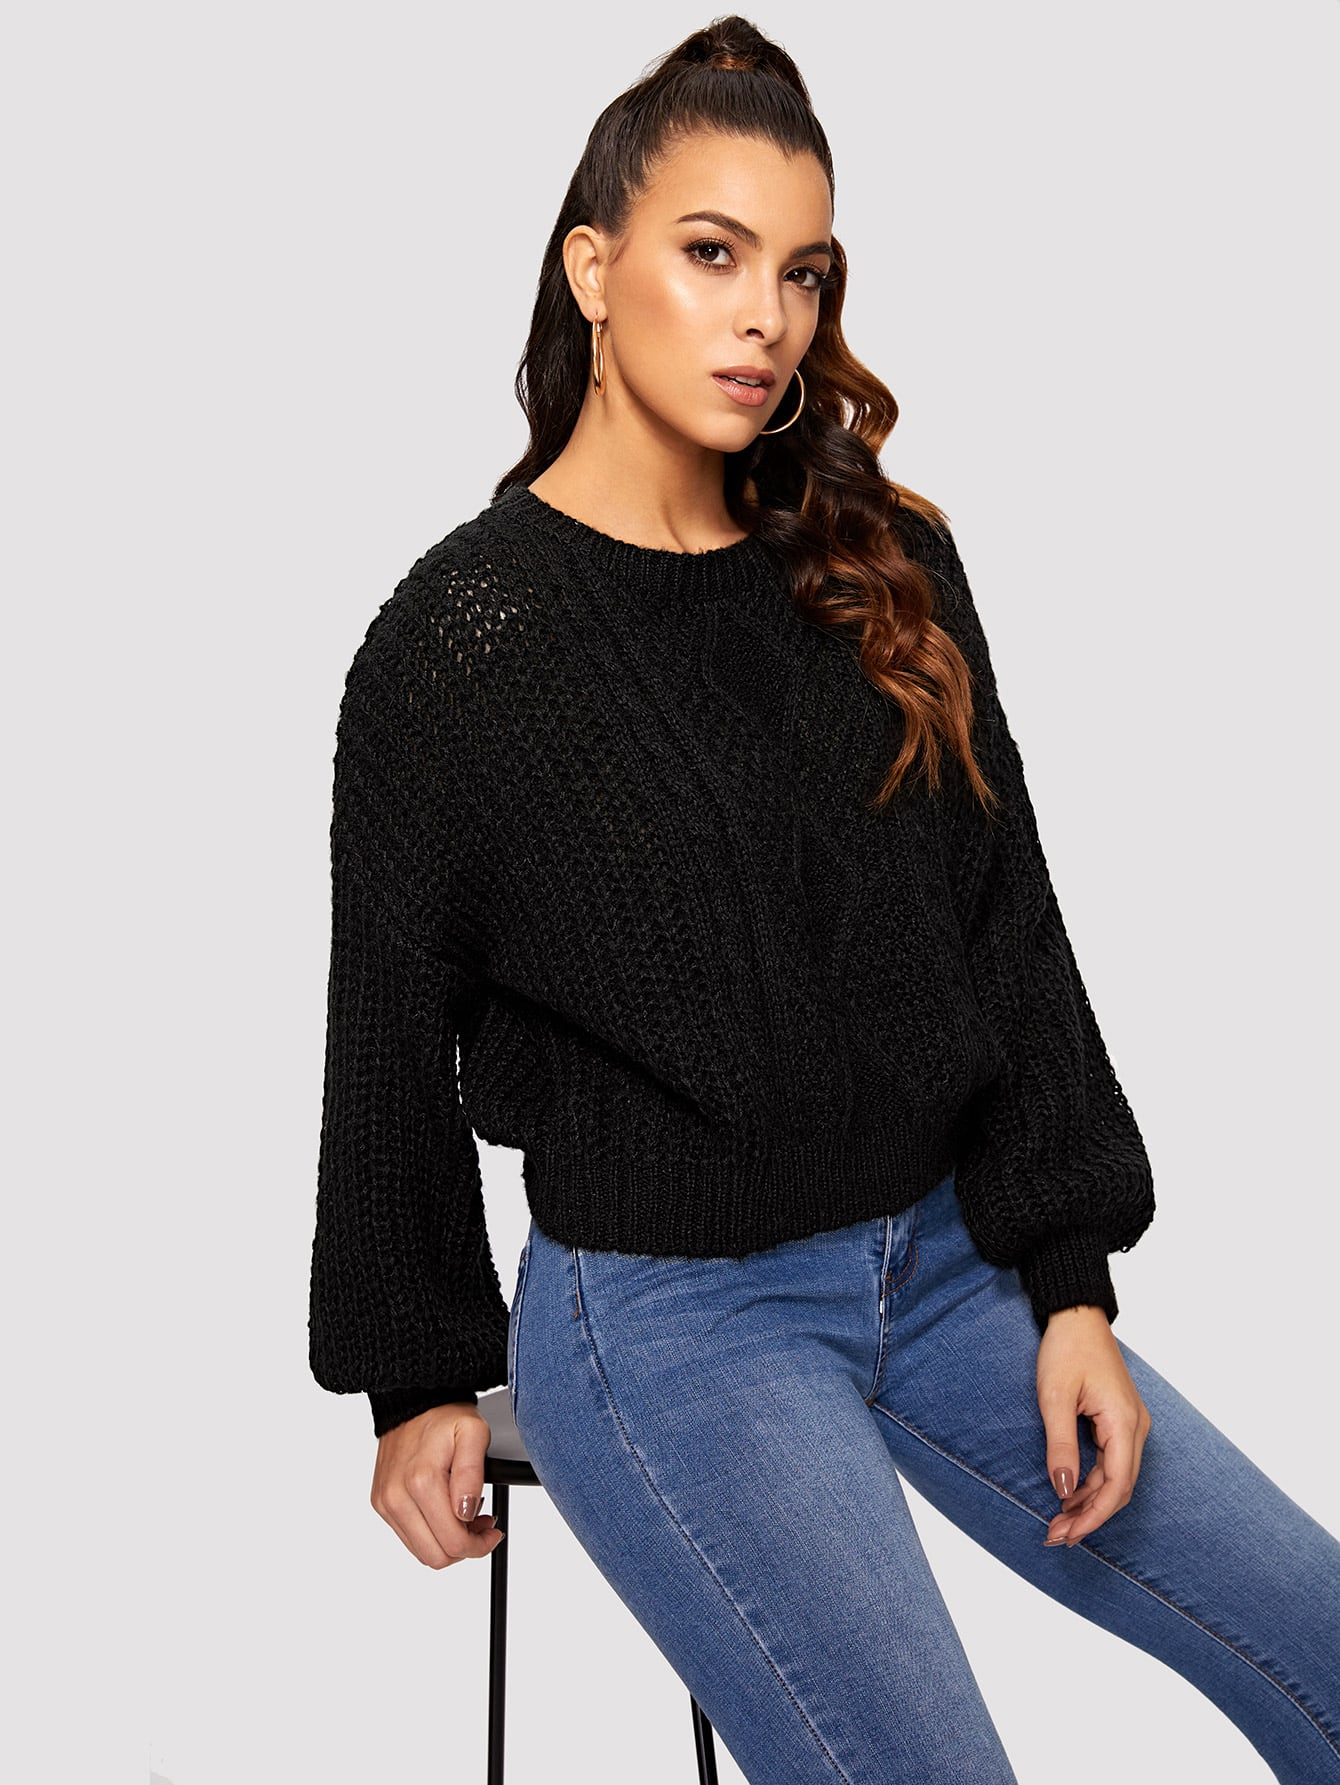 Купить Однотонный свитер со смешанной вязкой и оригинальным рукавом, DANI A, SheIn